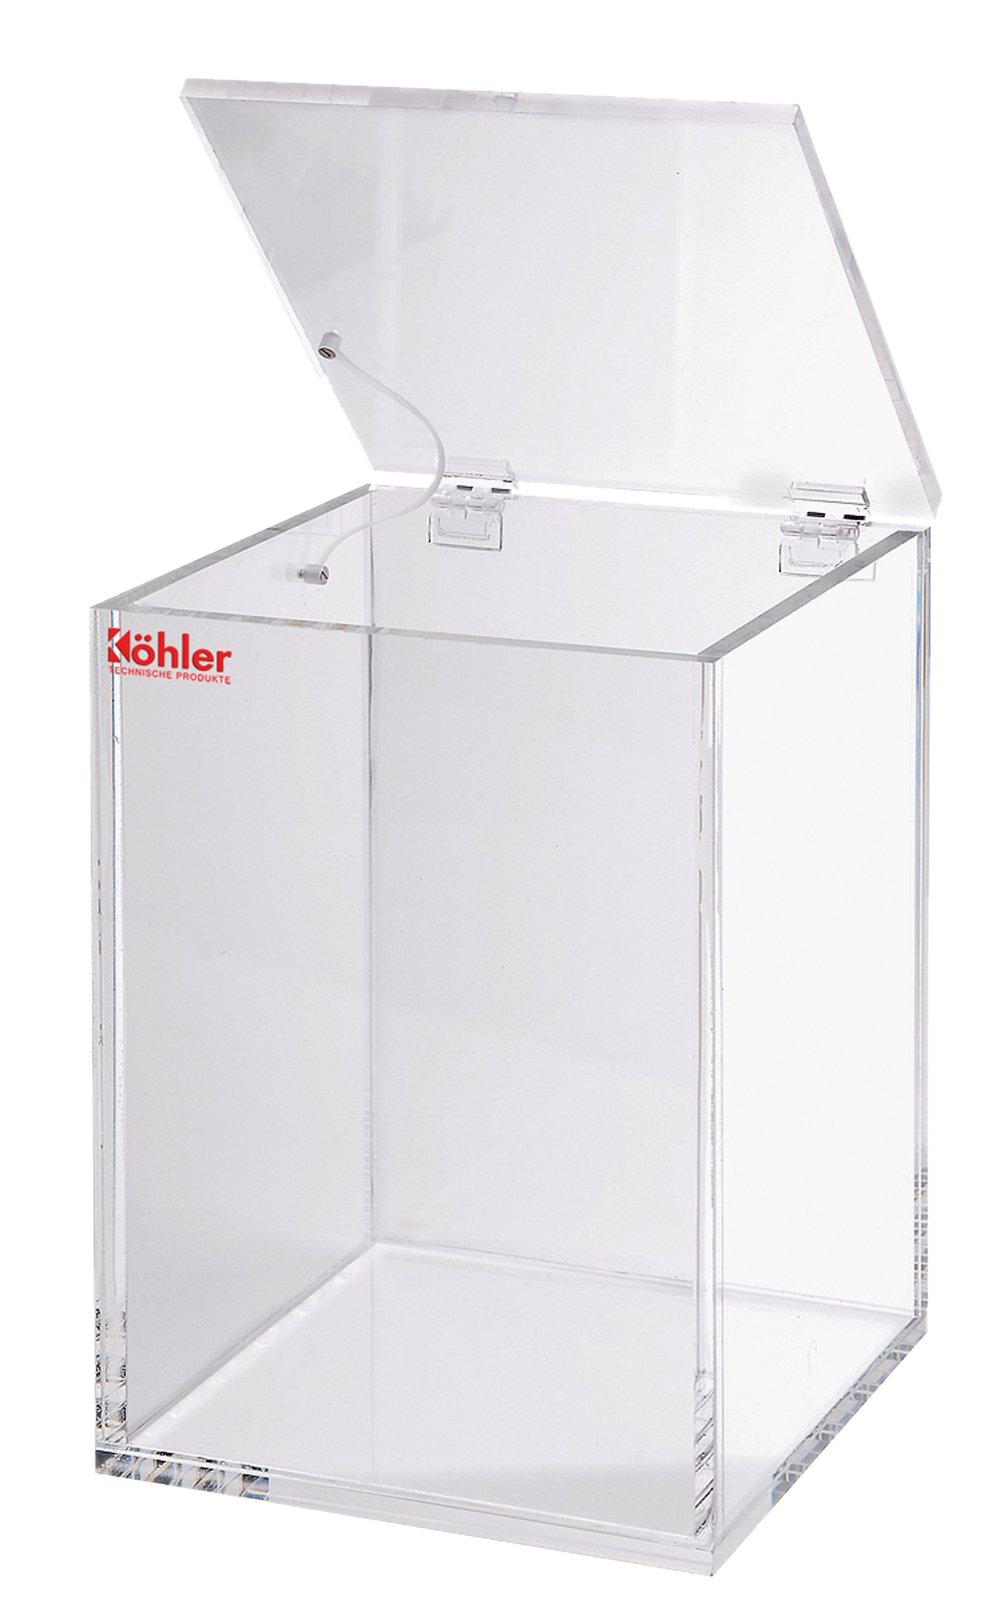 Beta-Abfallentsorgungsbox Acryl - Beta-Abfallentsorgungsbox Acryl 80x80x130mm